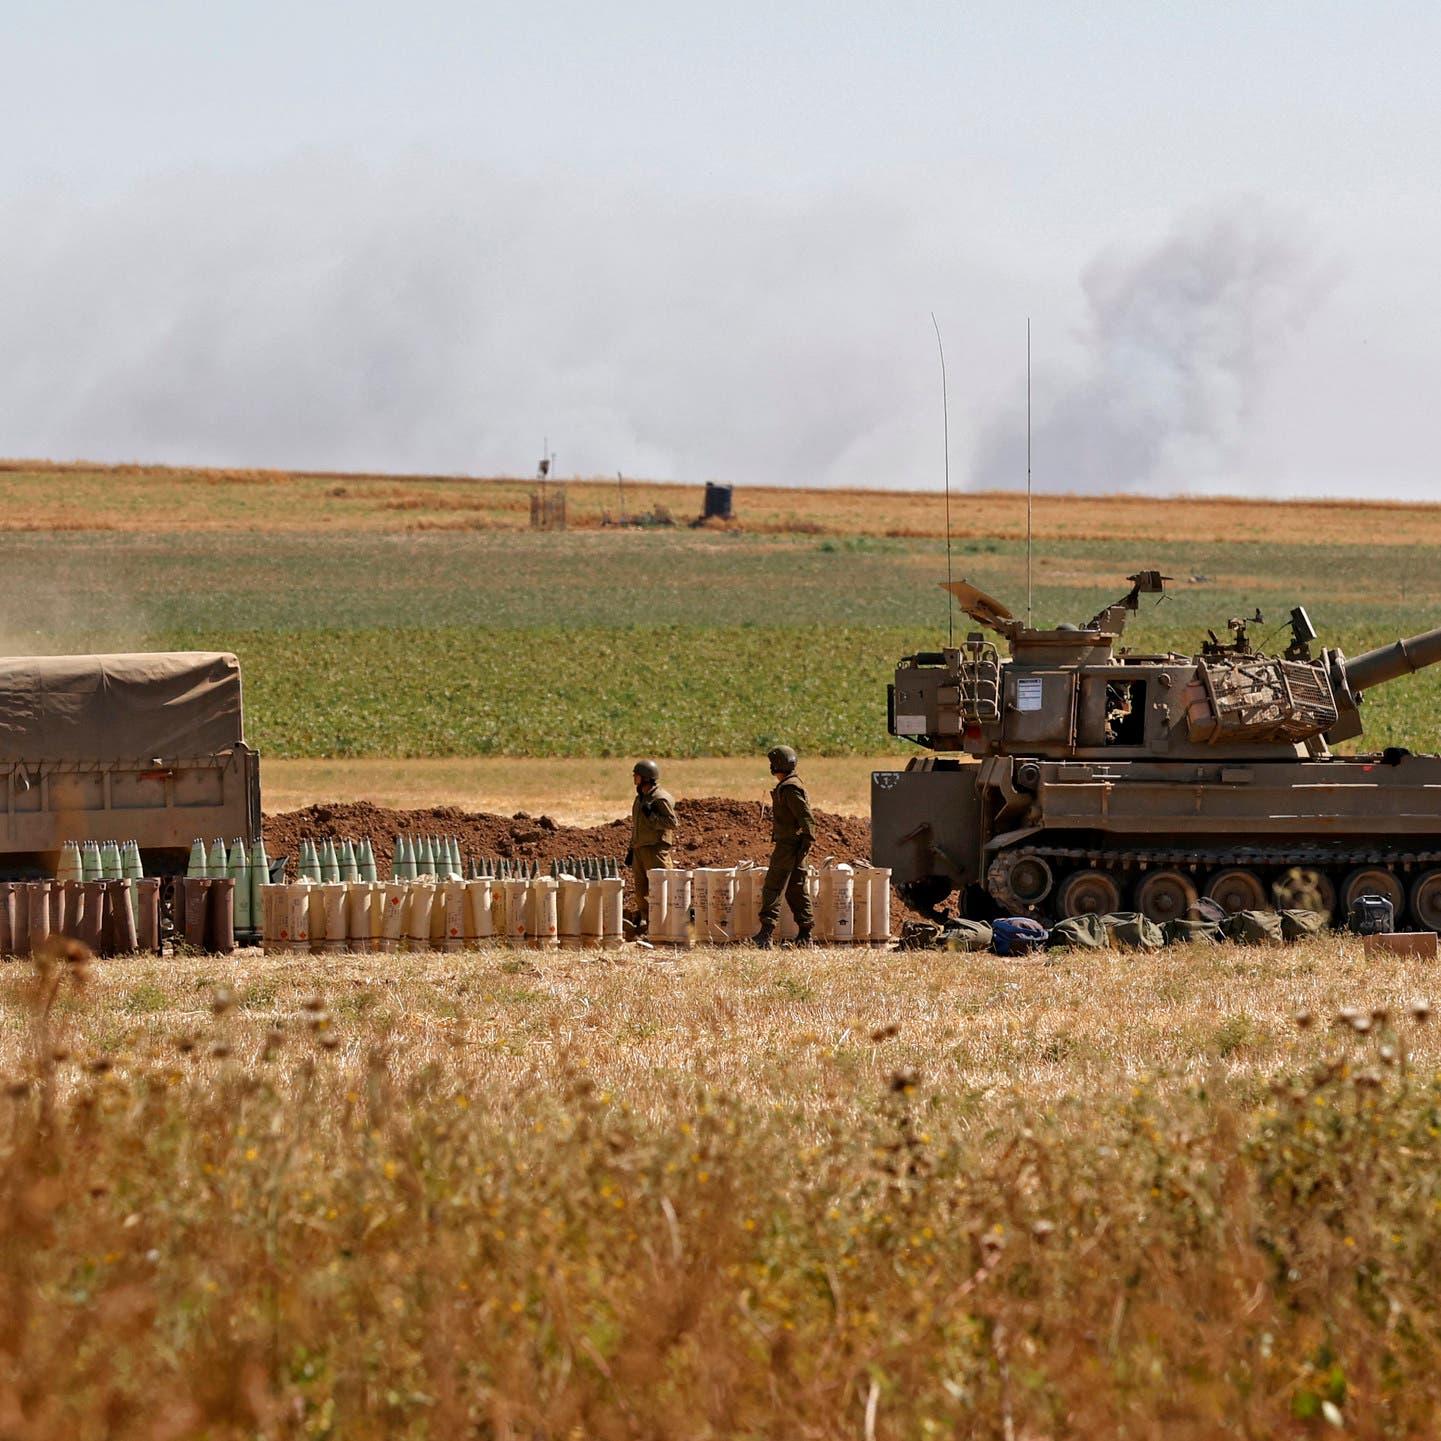 القوات الإسرائيلية تصيب 4 فلسطينيين بجروح بمخيم شرق غزة